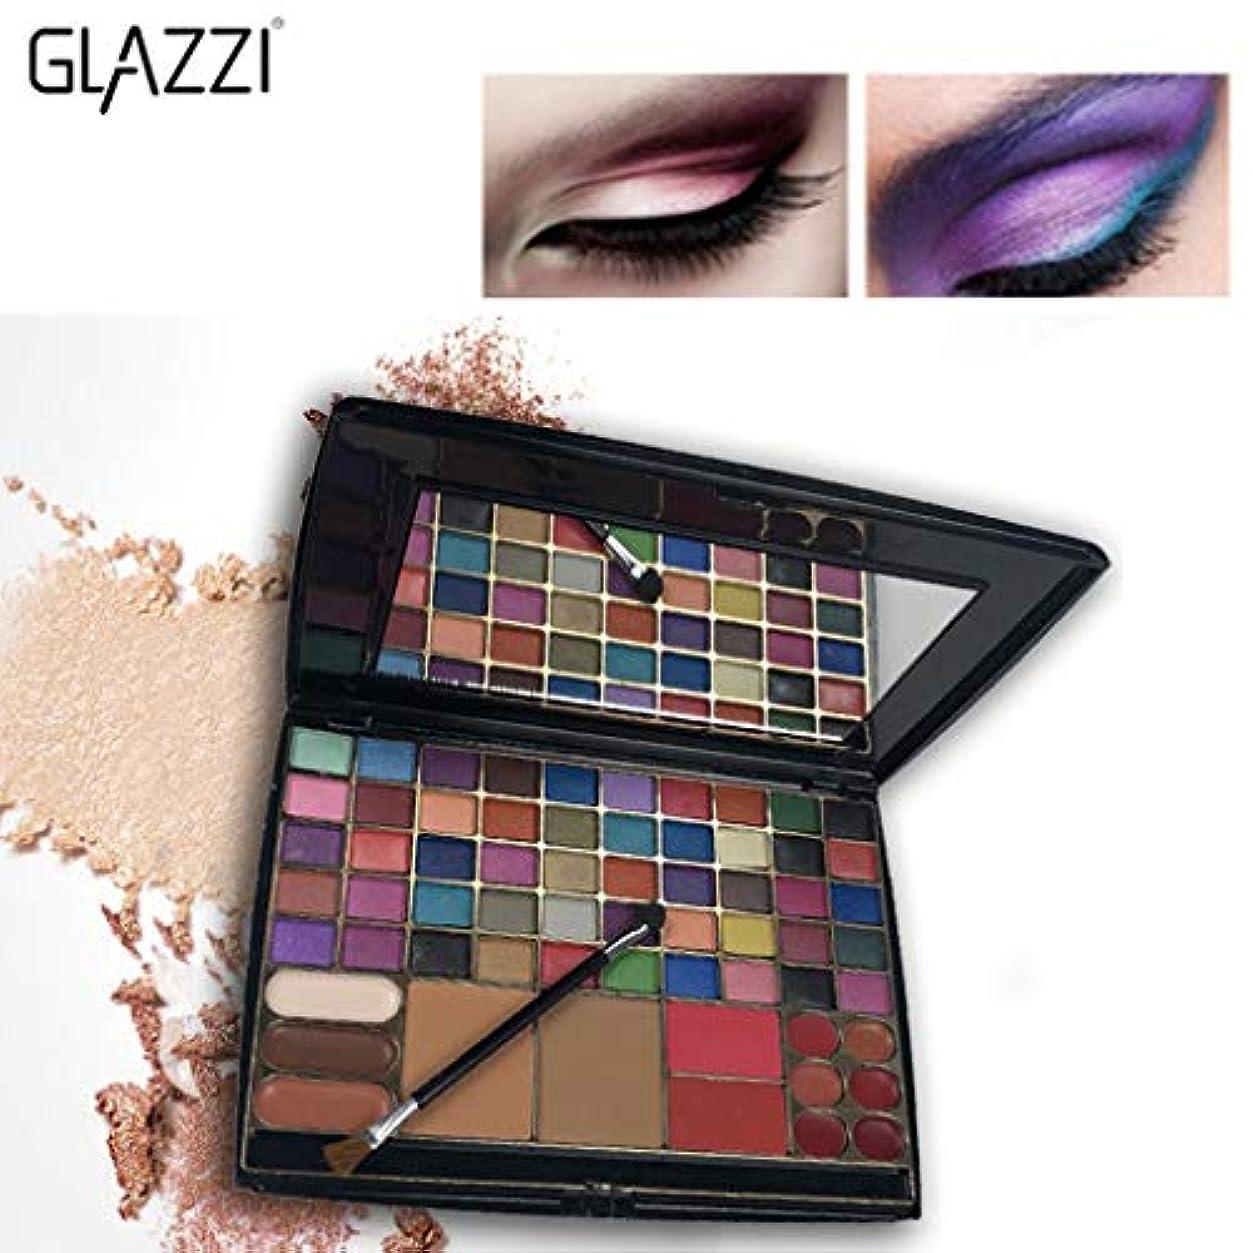 不屈ステージサイトラインAkane アイシャドウパレット GLAZZI 人気 超魅力的 気質的 綺麗 おしゃれ 防水 クリーム ブラシ付き 長持ち チャーム 持ち便利 Eye Shadow (63色) GZ8040062